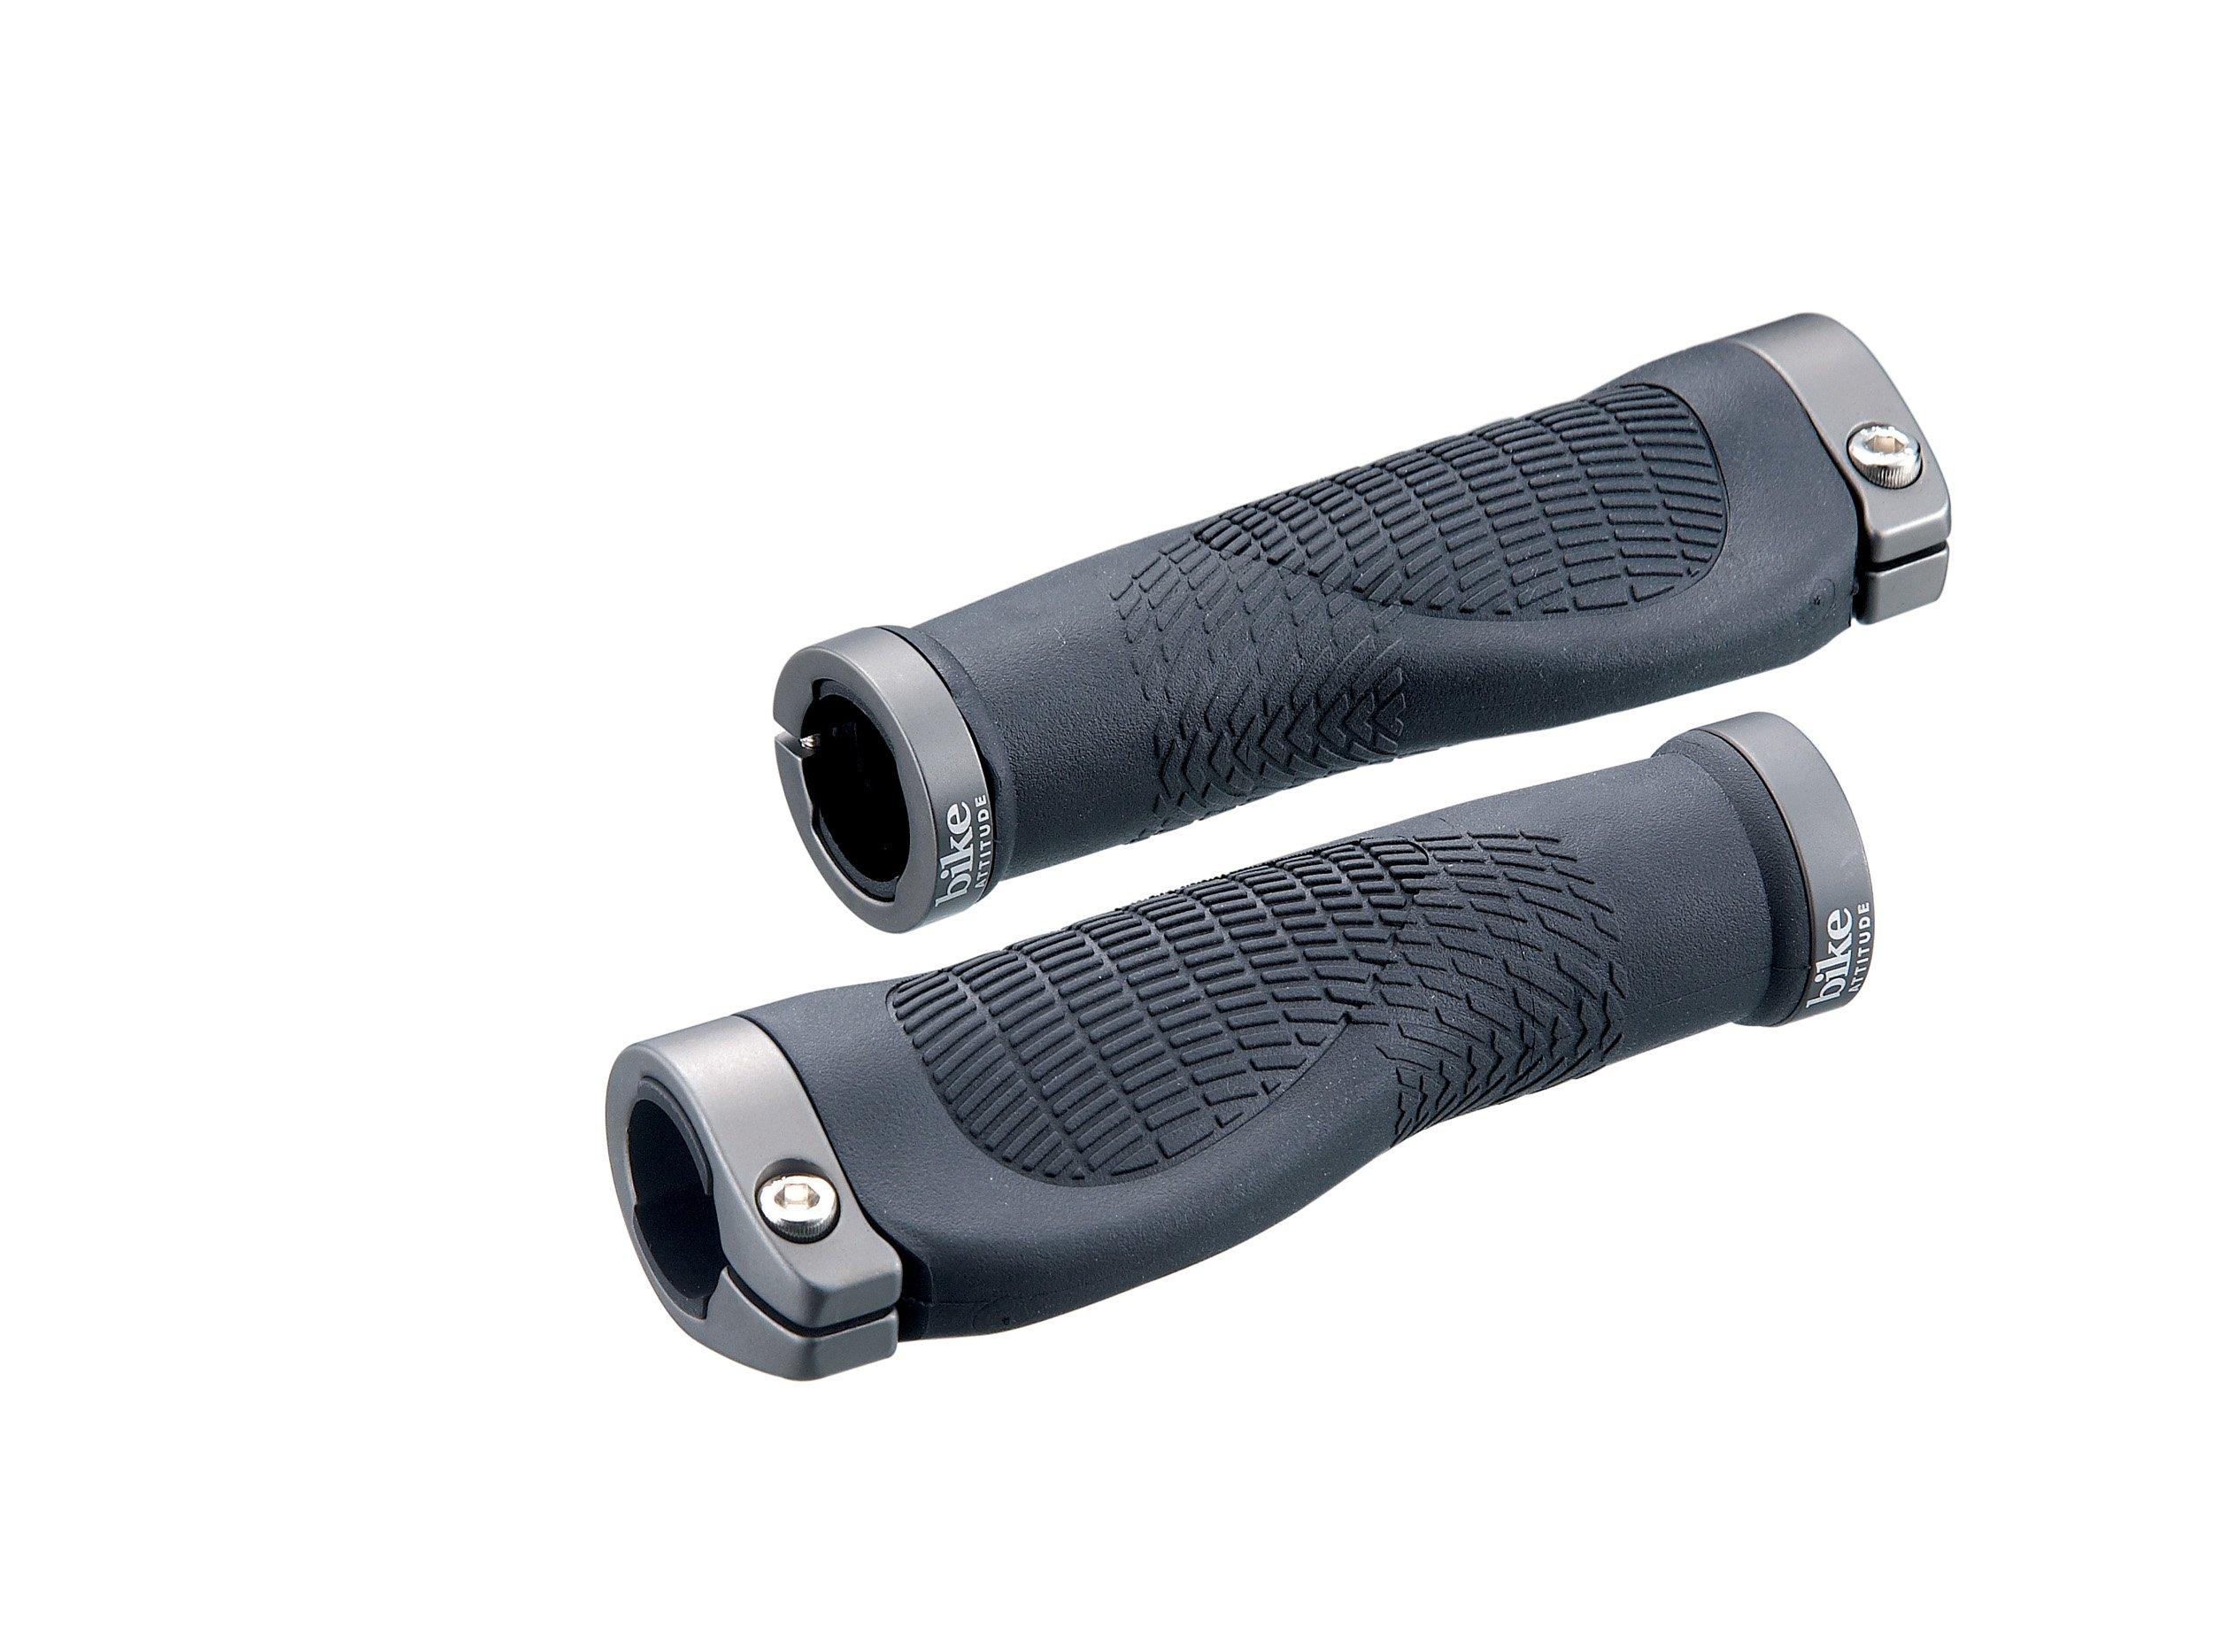 Håndtag Bike Attitude Ergonomisk Sort Med Gel 125 mm m/skrue | Handles